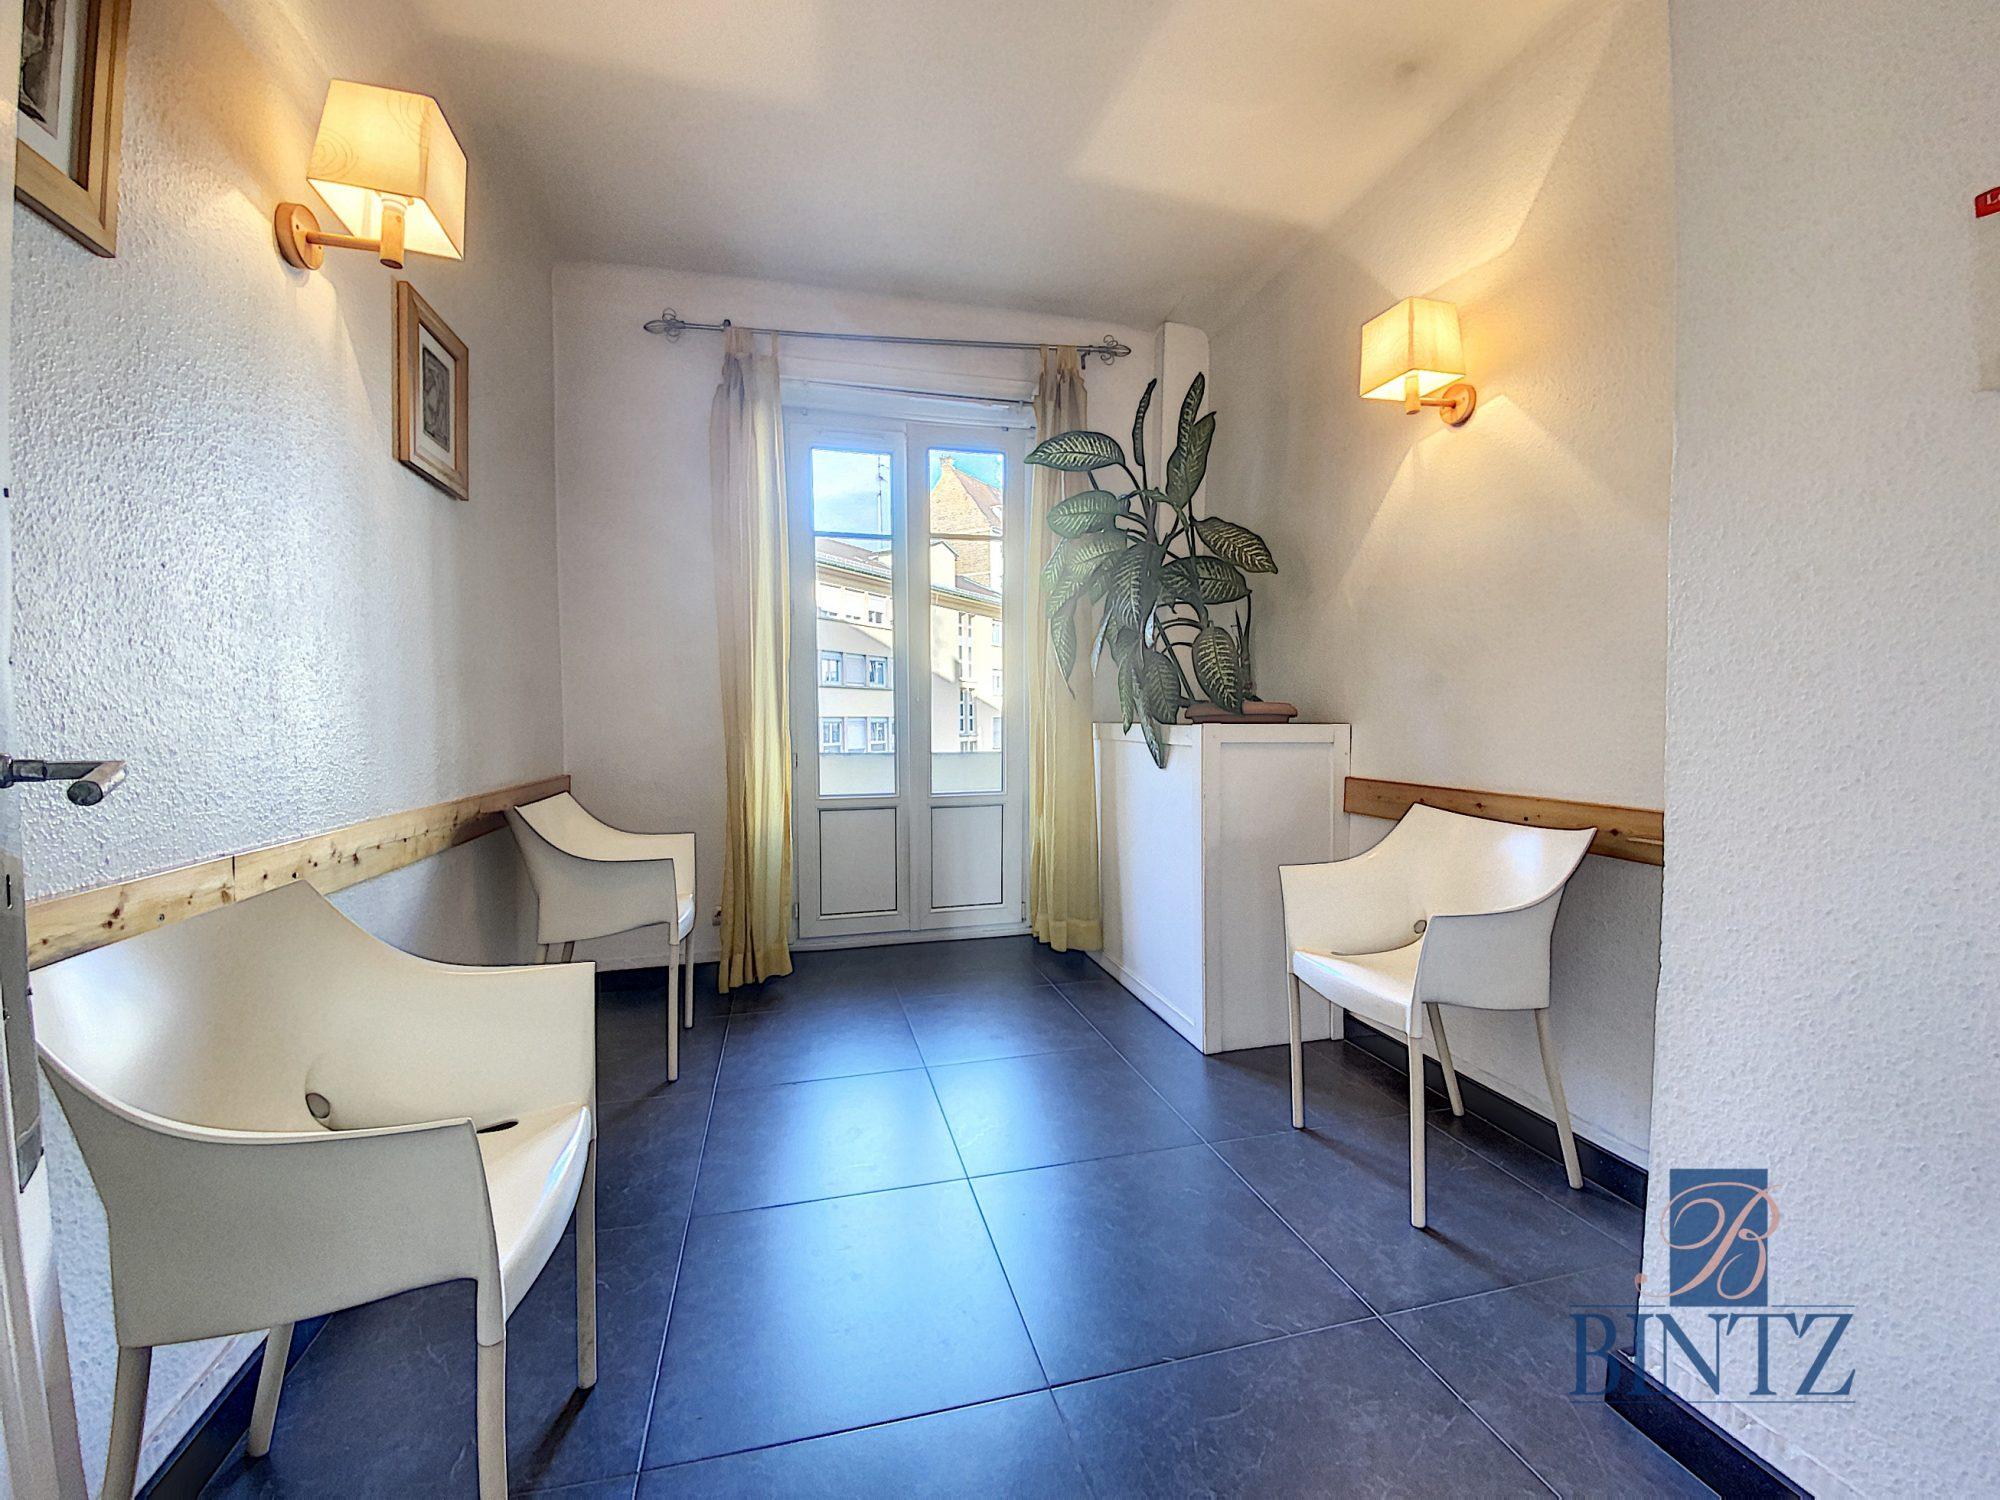 Local professionnel ERP 3 pièces + Salle d'attente - Devenez locataire en toute sérénité - Bintz Immobilier - 2